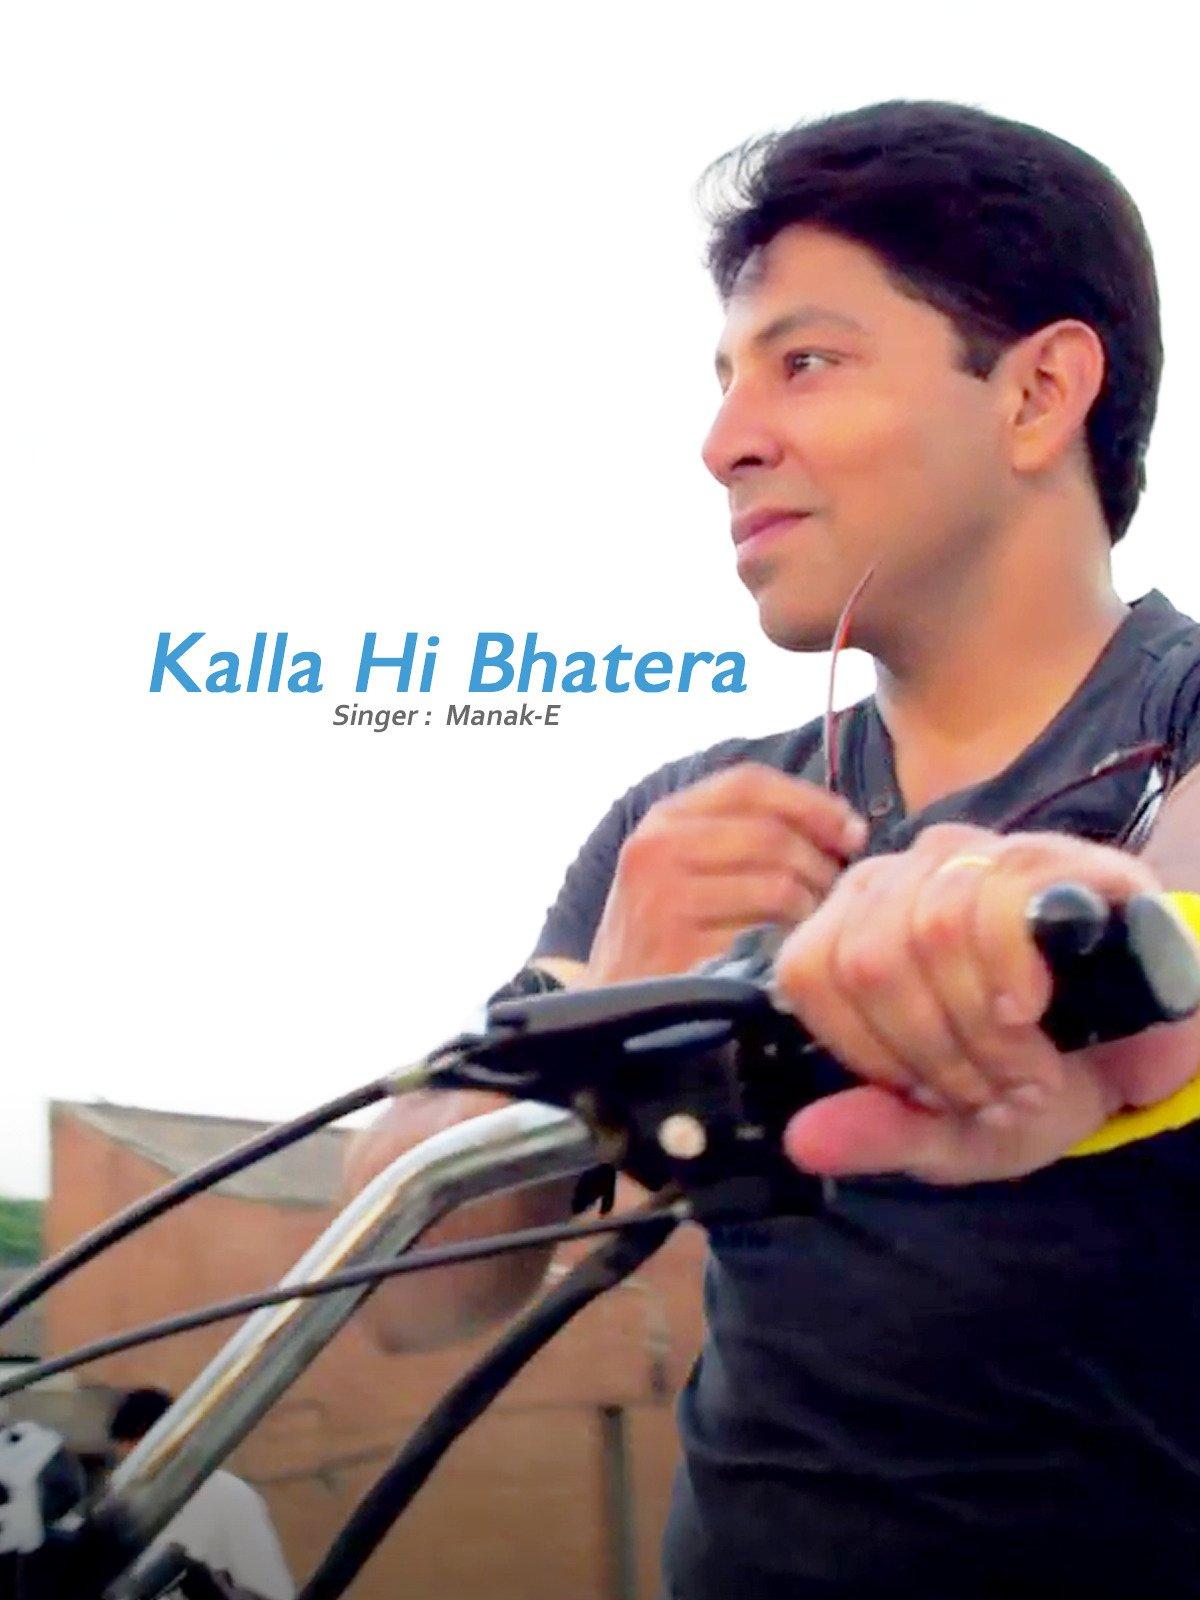 Kalla Hi Bhatera